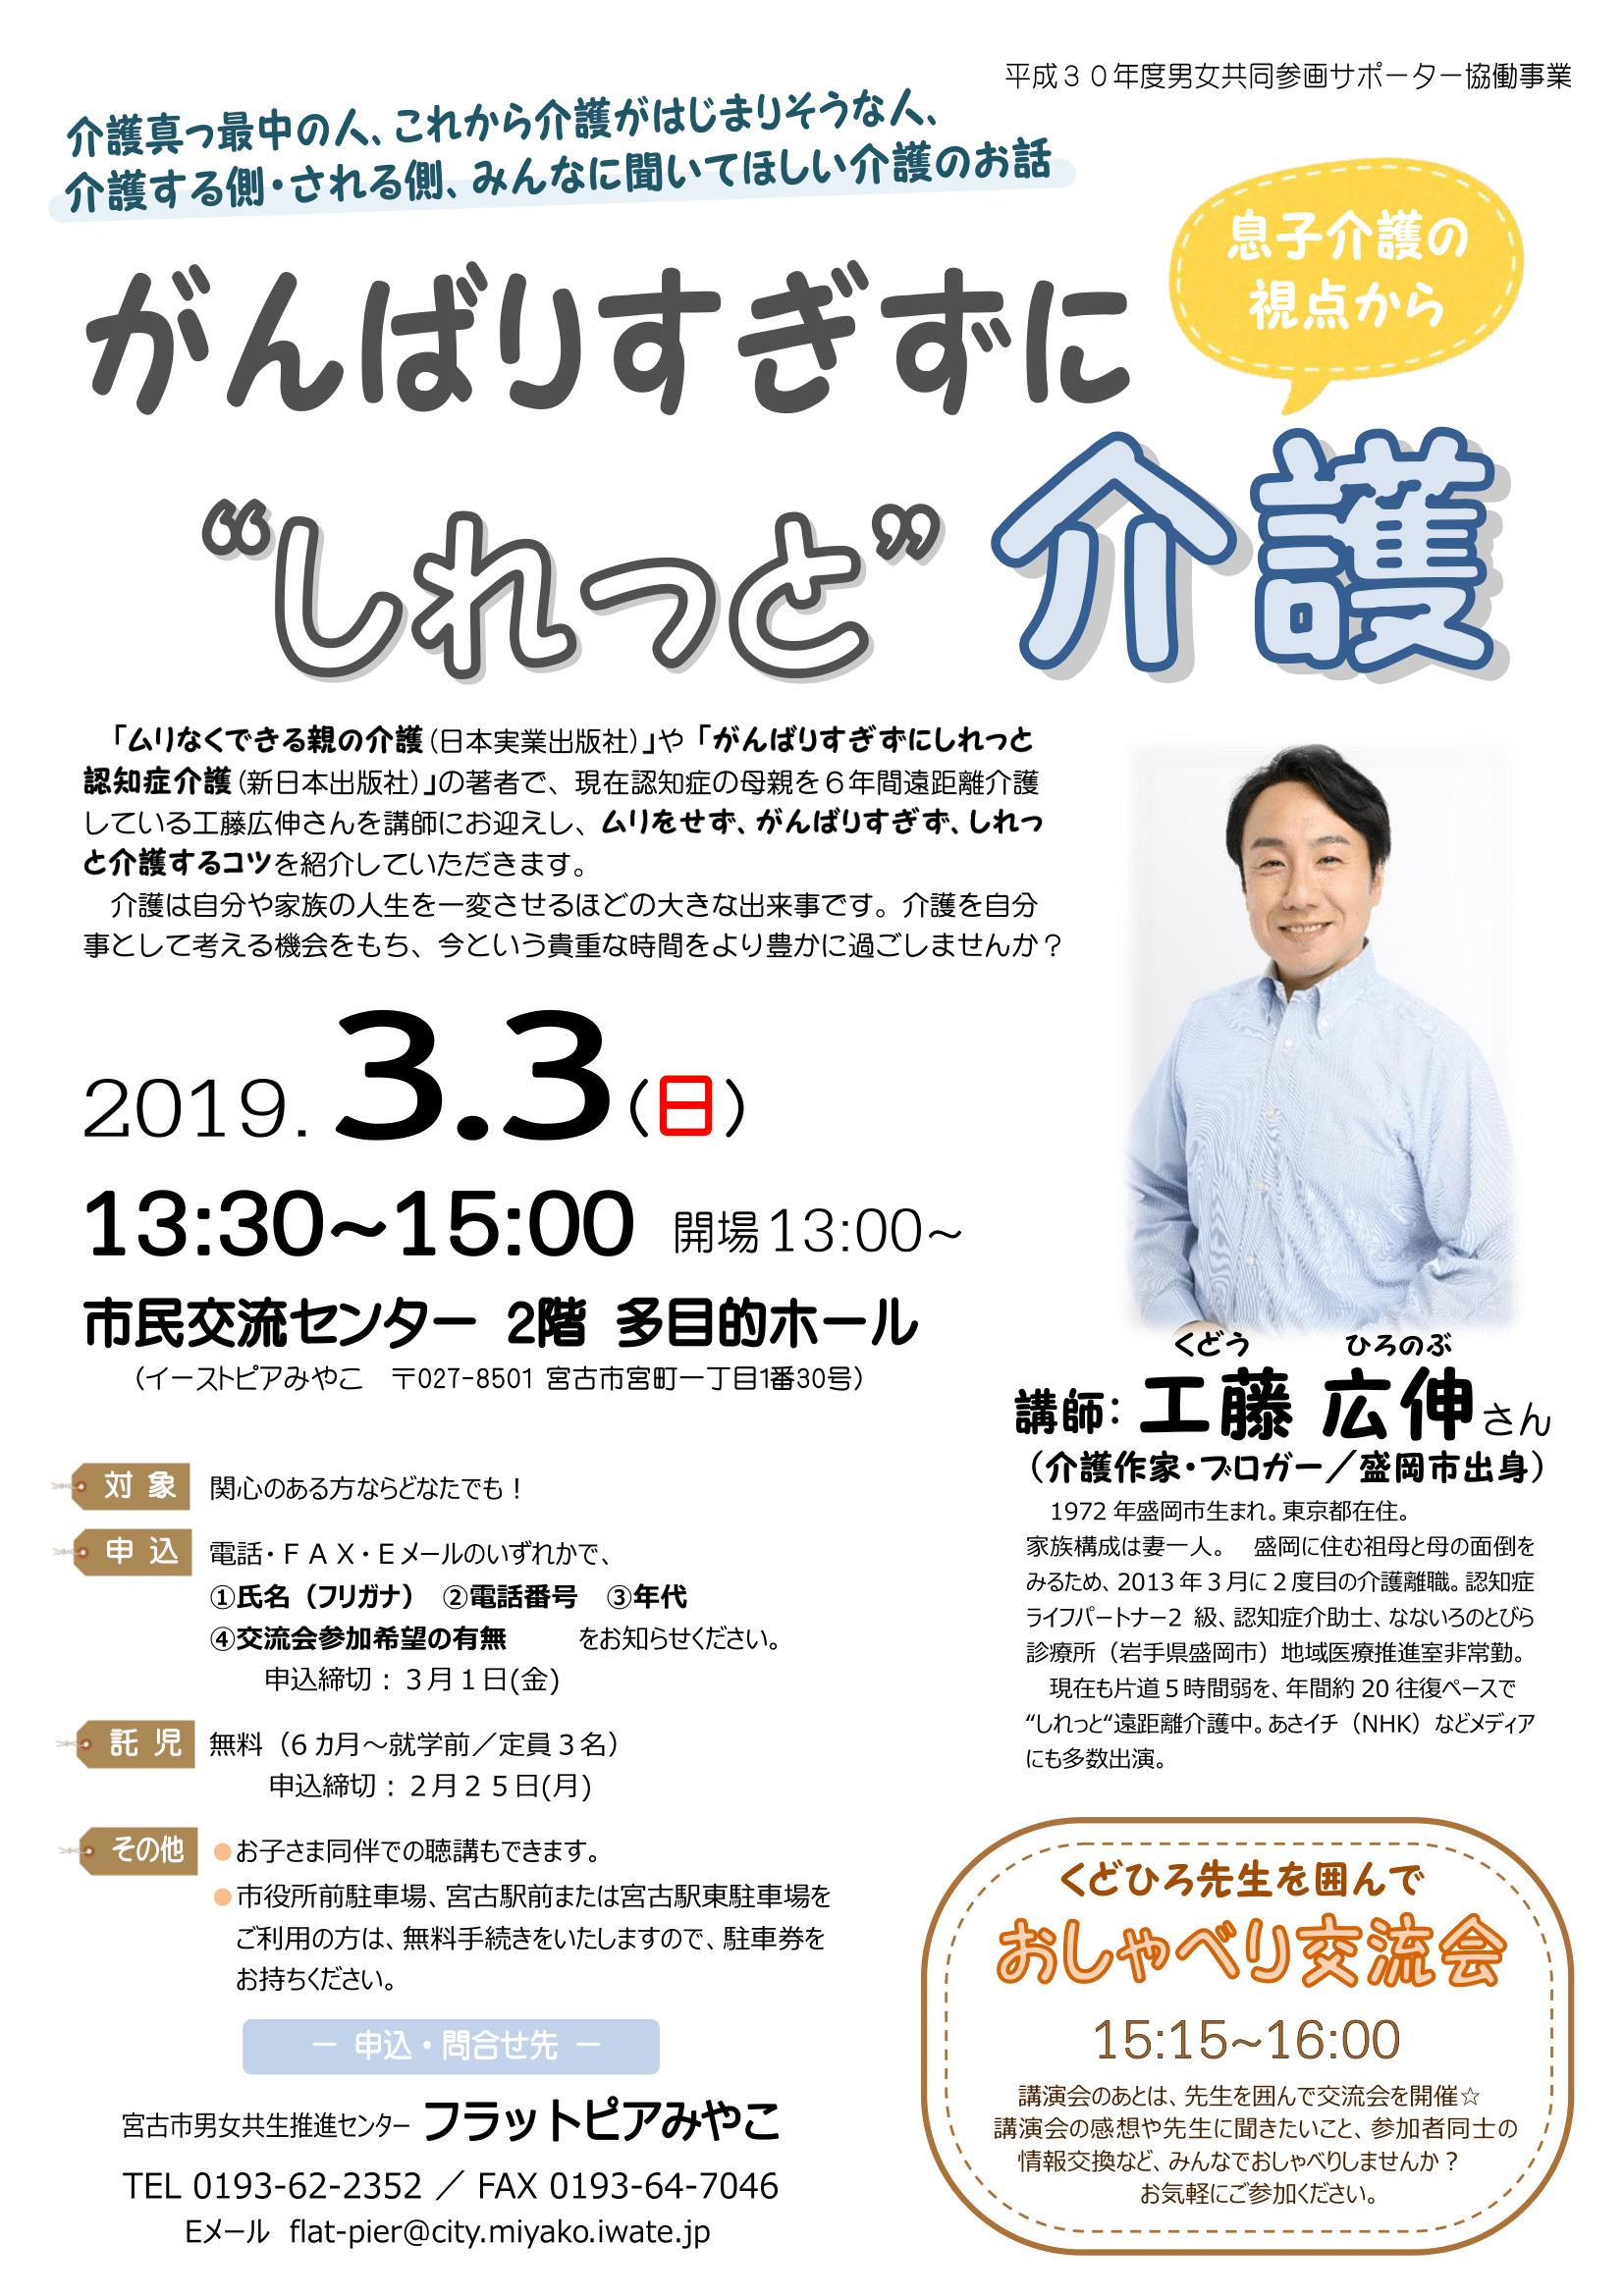 岩手県宮古市介護講演会